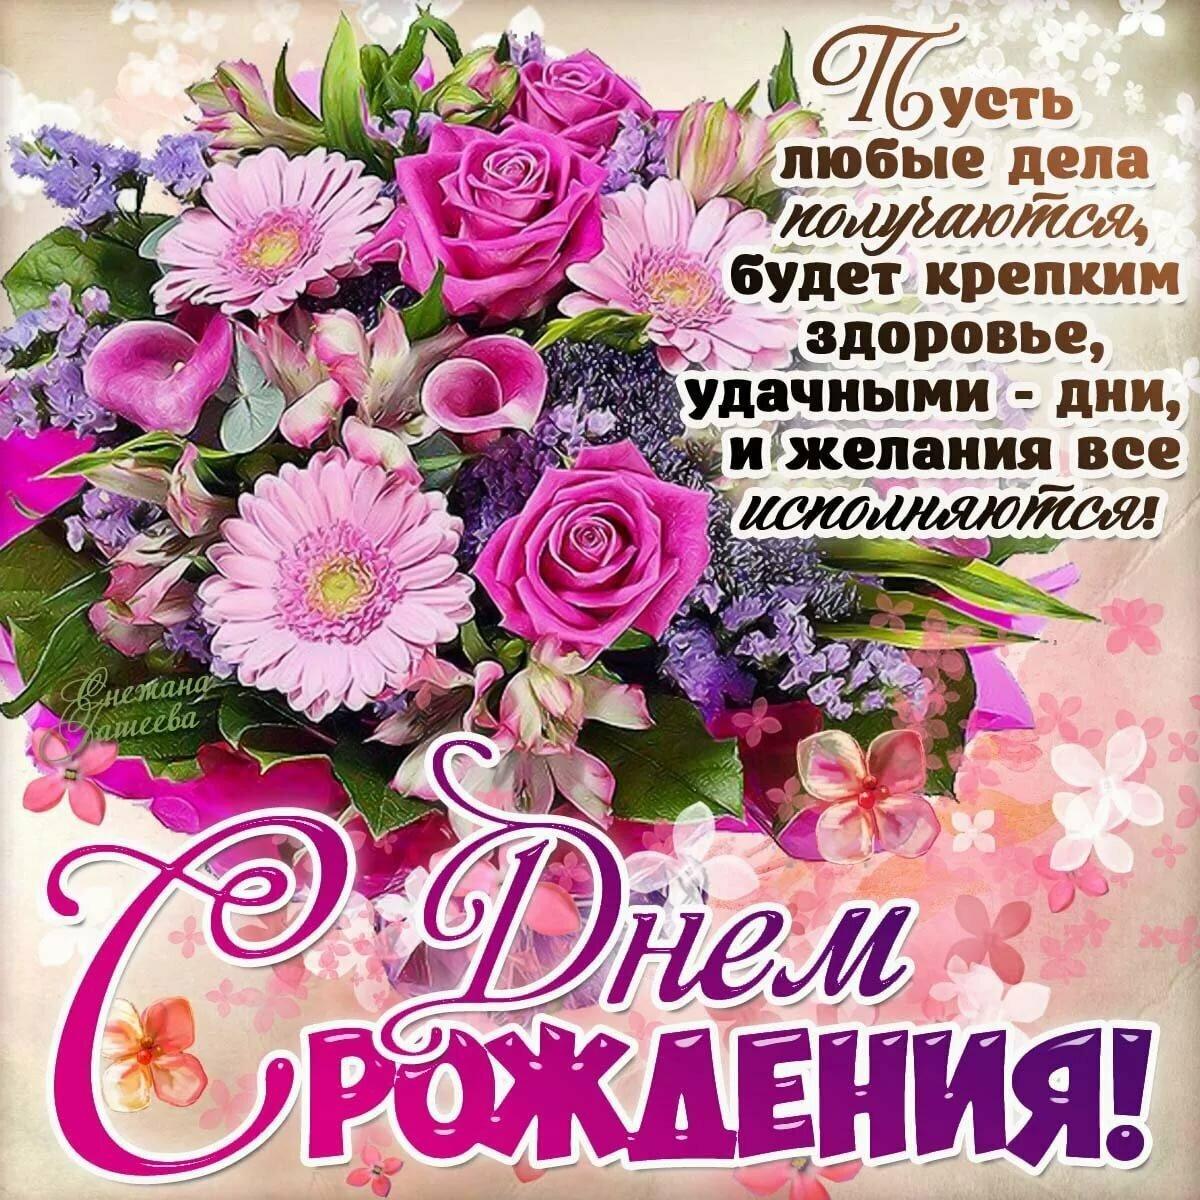 Поздравления с днем рождения лиду в прозе